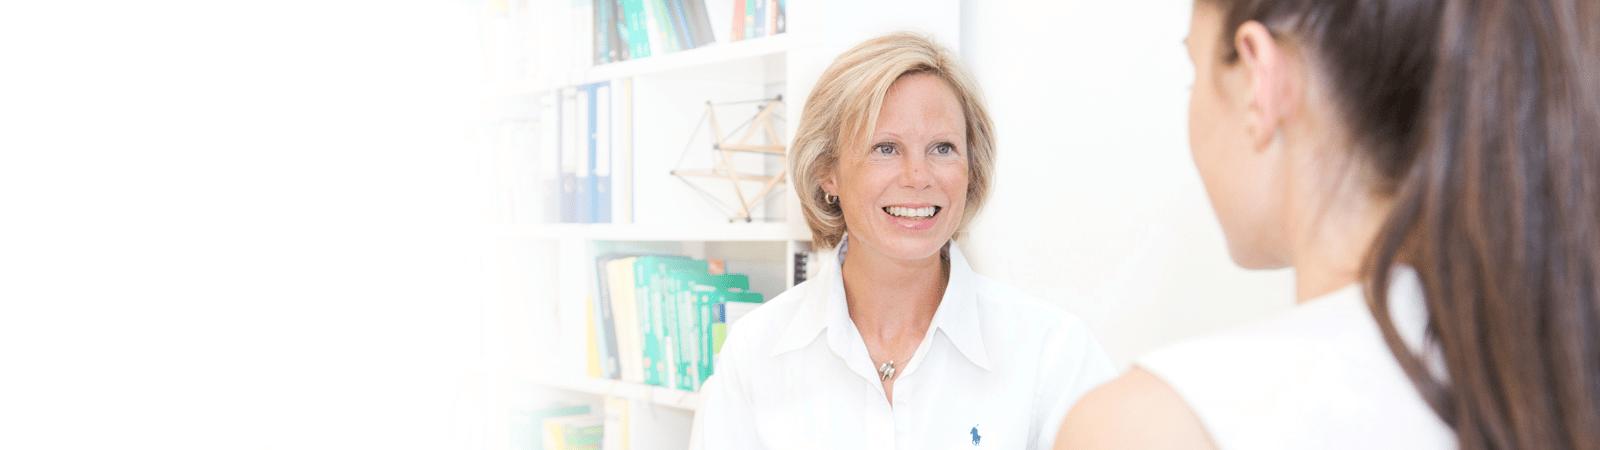 ZSMED Dr. Carla Rondeck